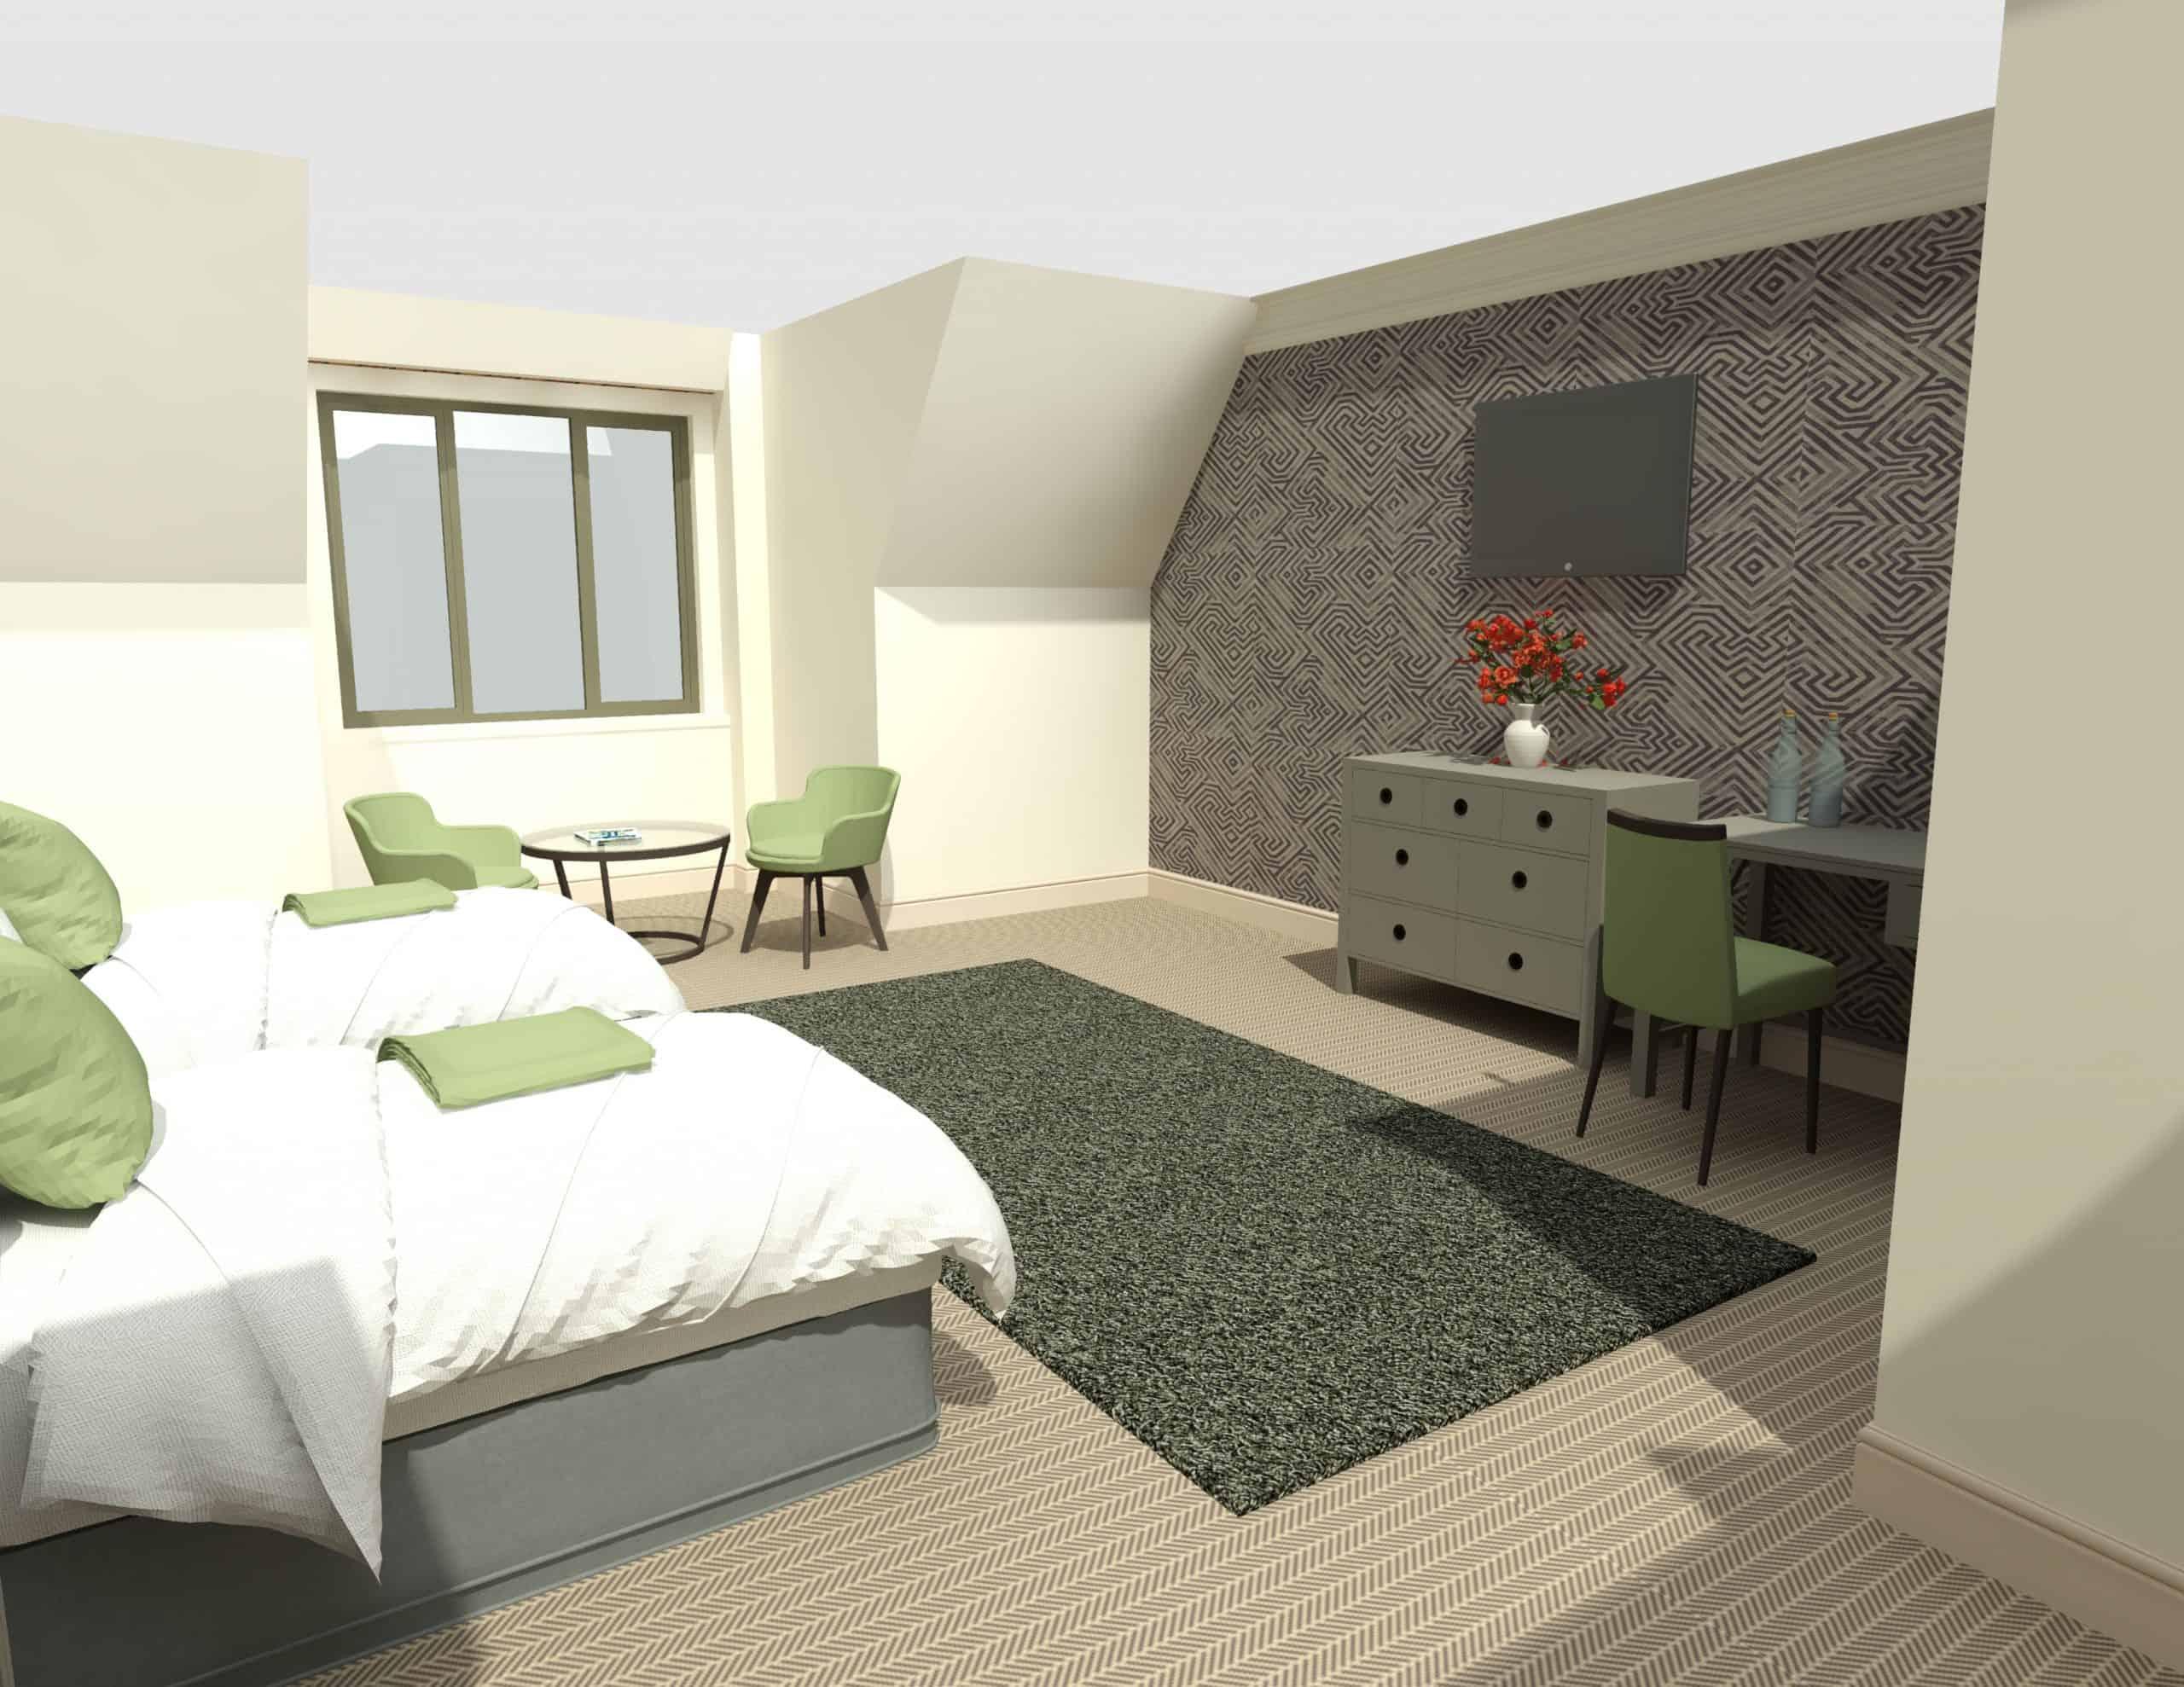 E1282 3Dmodel03 - 1st Flr Interior - Heacham Manor-Temp0023